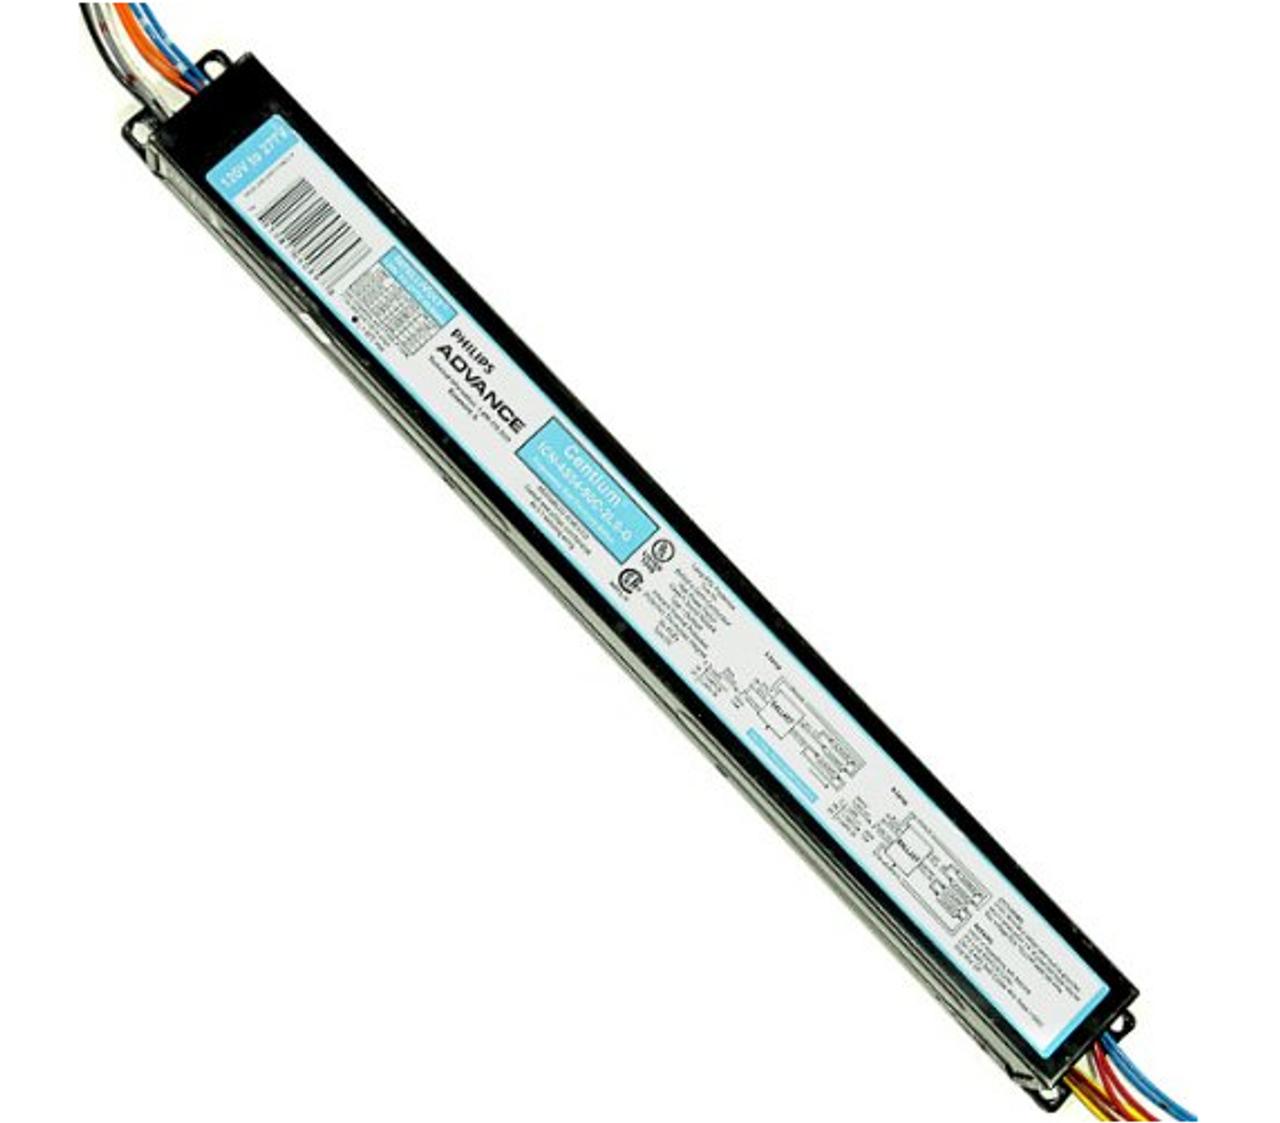 PHILIPS F54T5//HO ELECTRONIC PROGRAMMED START BALLAST 120V-277V T5 HIGH OUTPUT